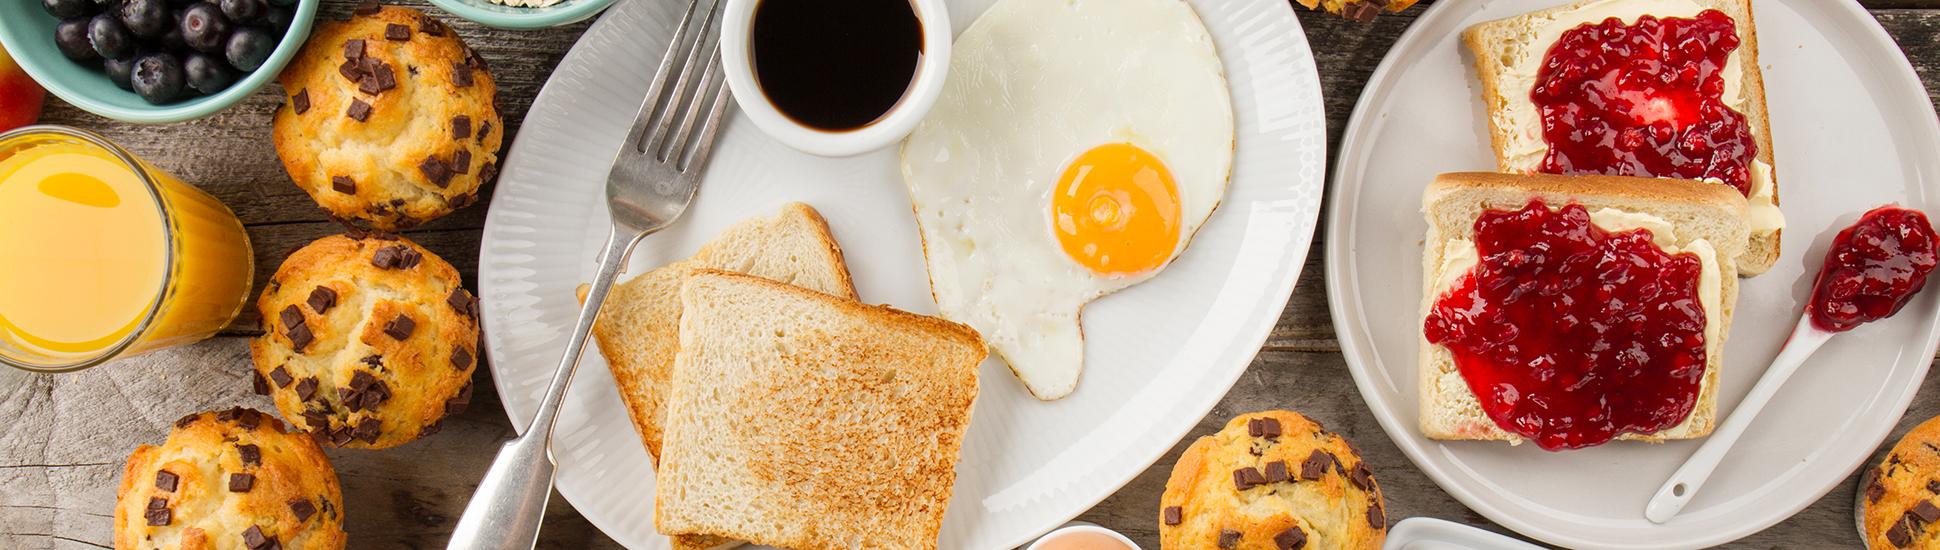 Frühstück bestehend aus Saft, Beeren, Muffins, Spiegelei, Toast, Kaffee und Marmelade